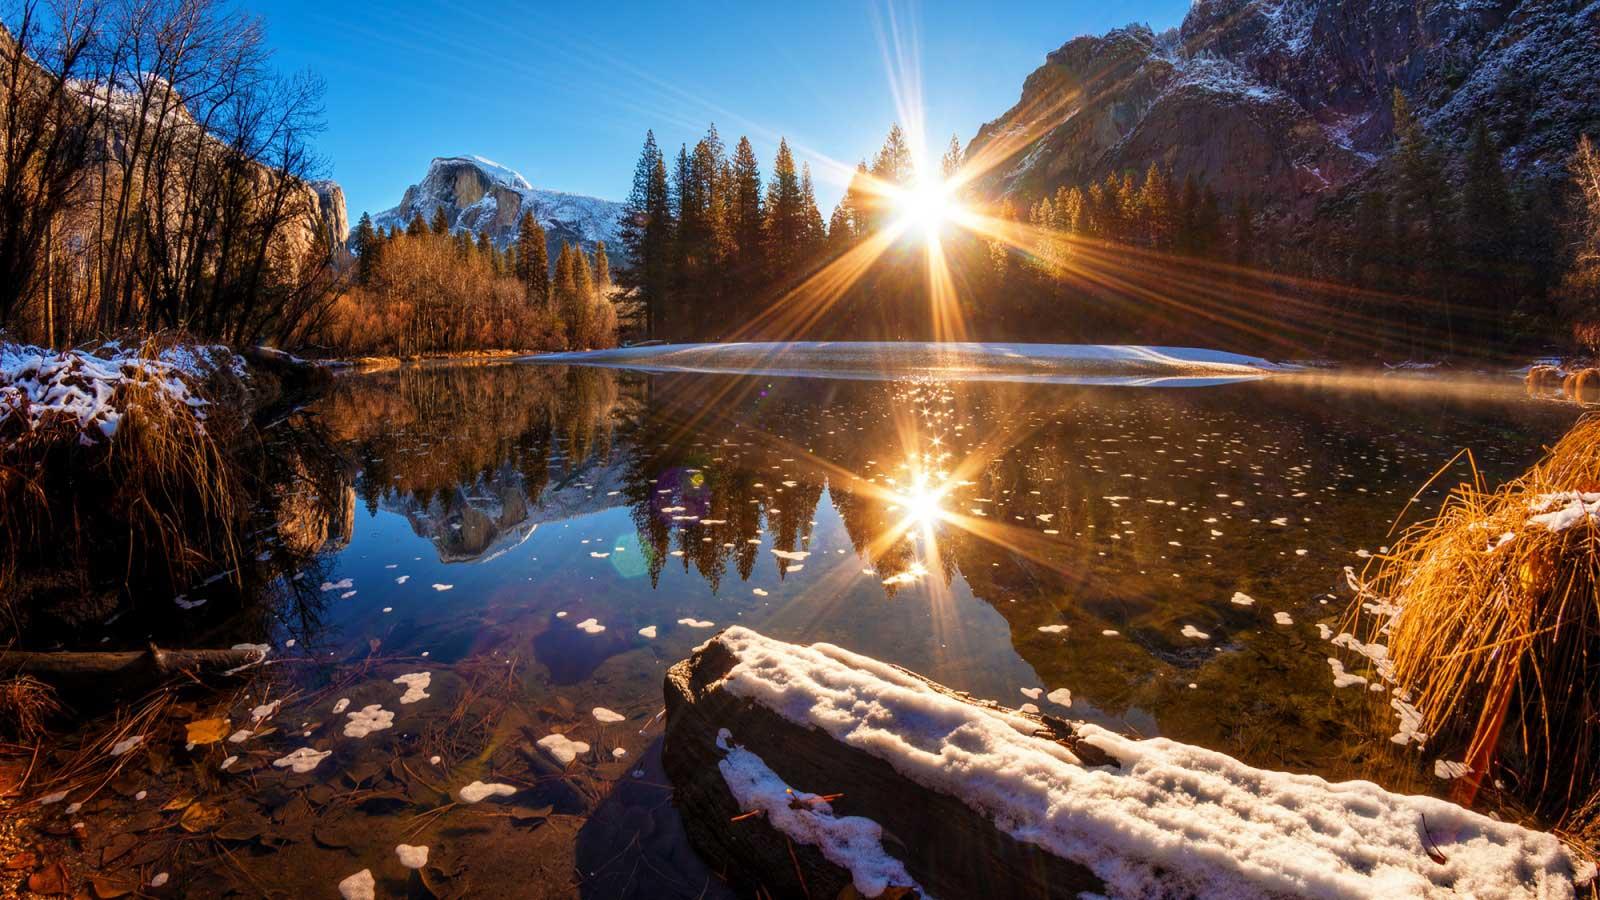 بالصور مناظر طبيعيه روعه , اسعد روحك بمشاهده اجمل المناظر الطبيعيه 4802 9